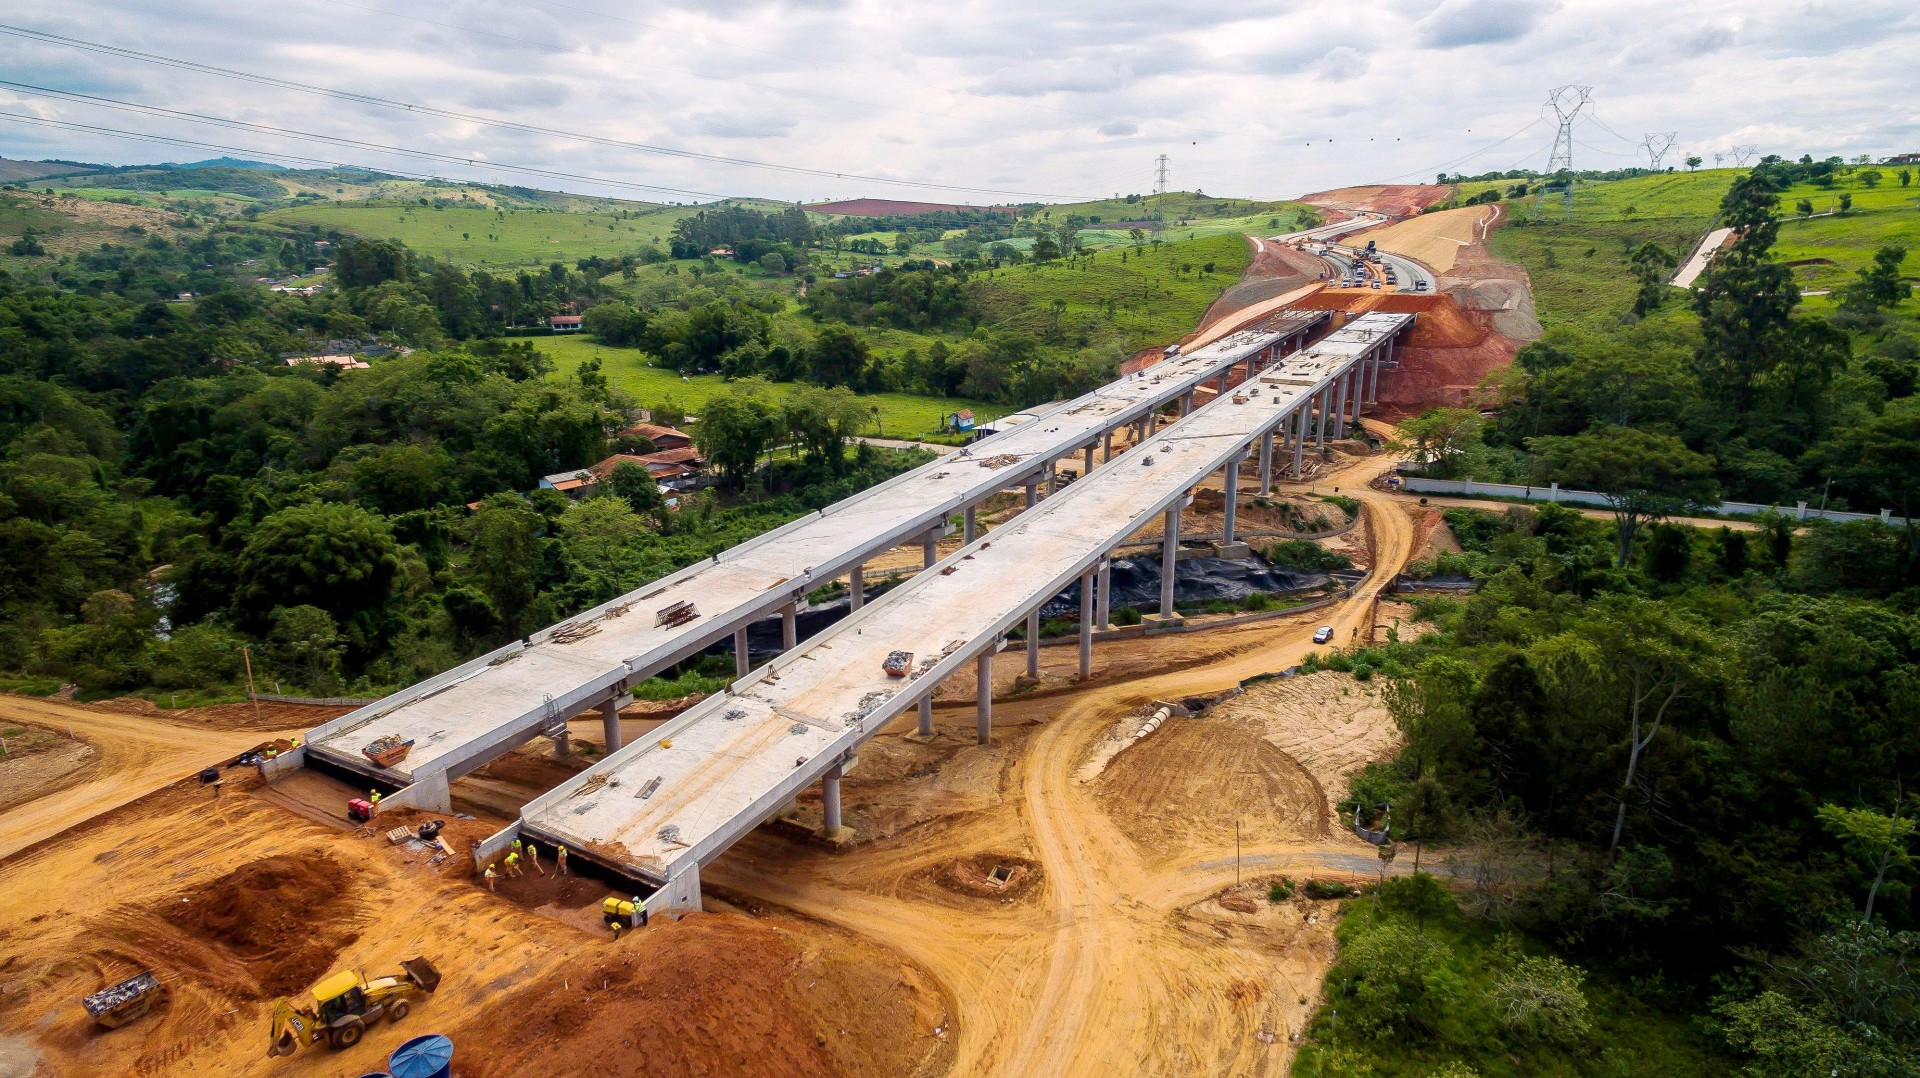 Construção industrializada do concreto adquiriu capacidade de suprir diversas demandas: da infraestrutura ao varejo. Crédito: Abcic